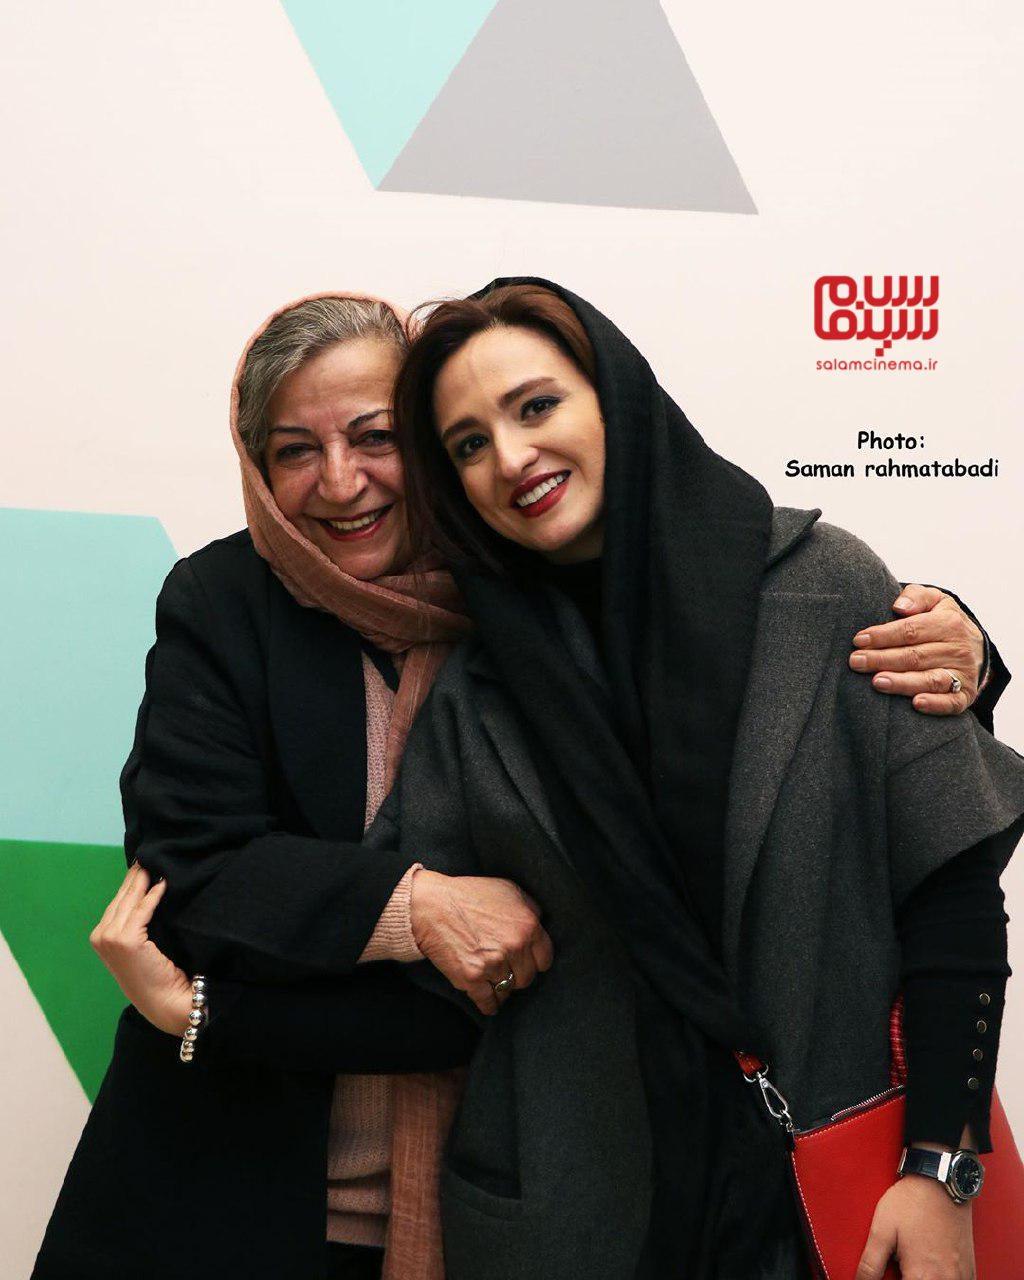 گلاره عباسی و مرضیه برومند - اکران خصوصی فیلم «خداحافظ دختر شیرازی»-گزارش تصویری